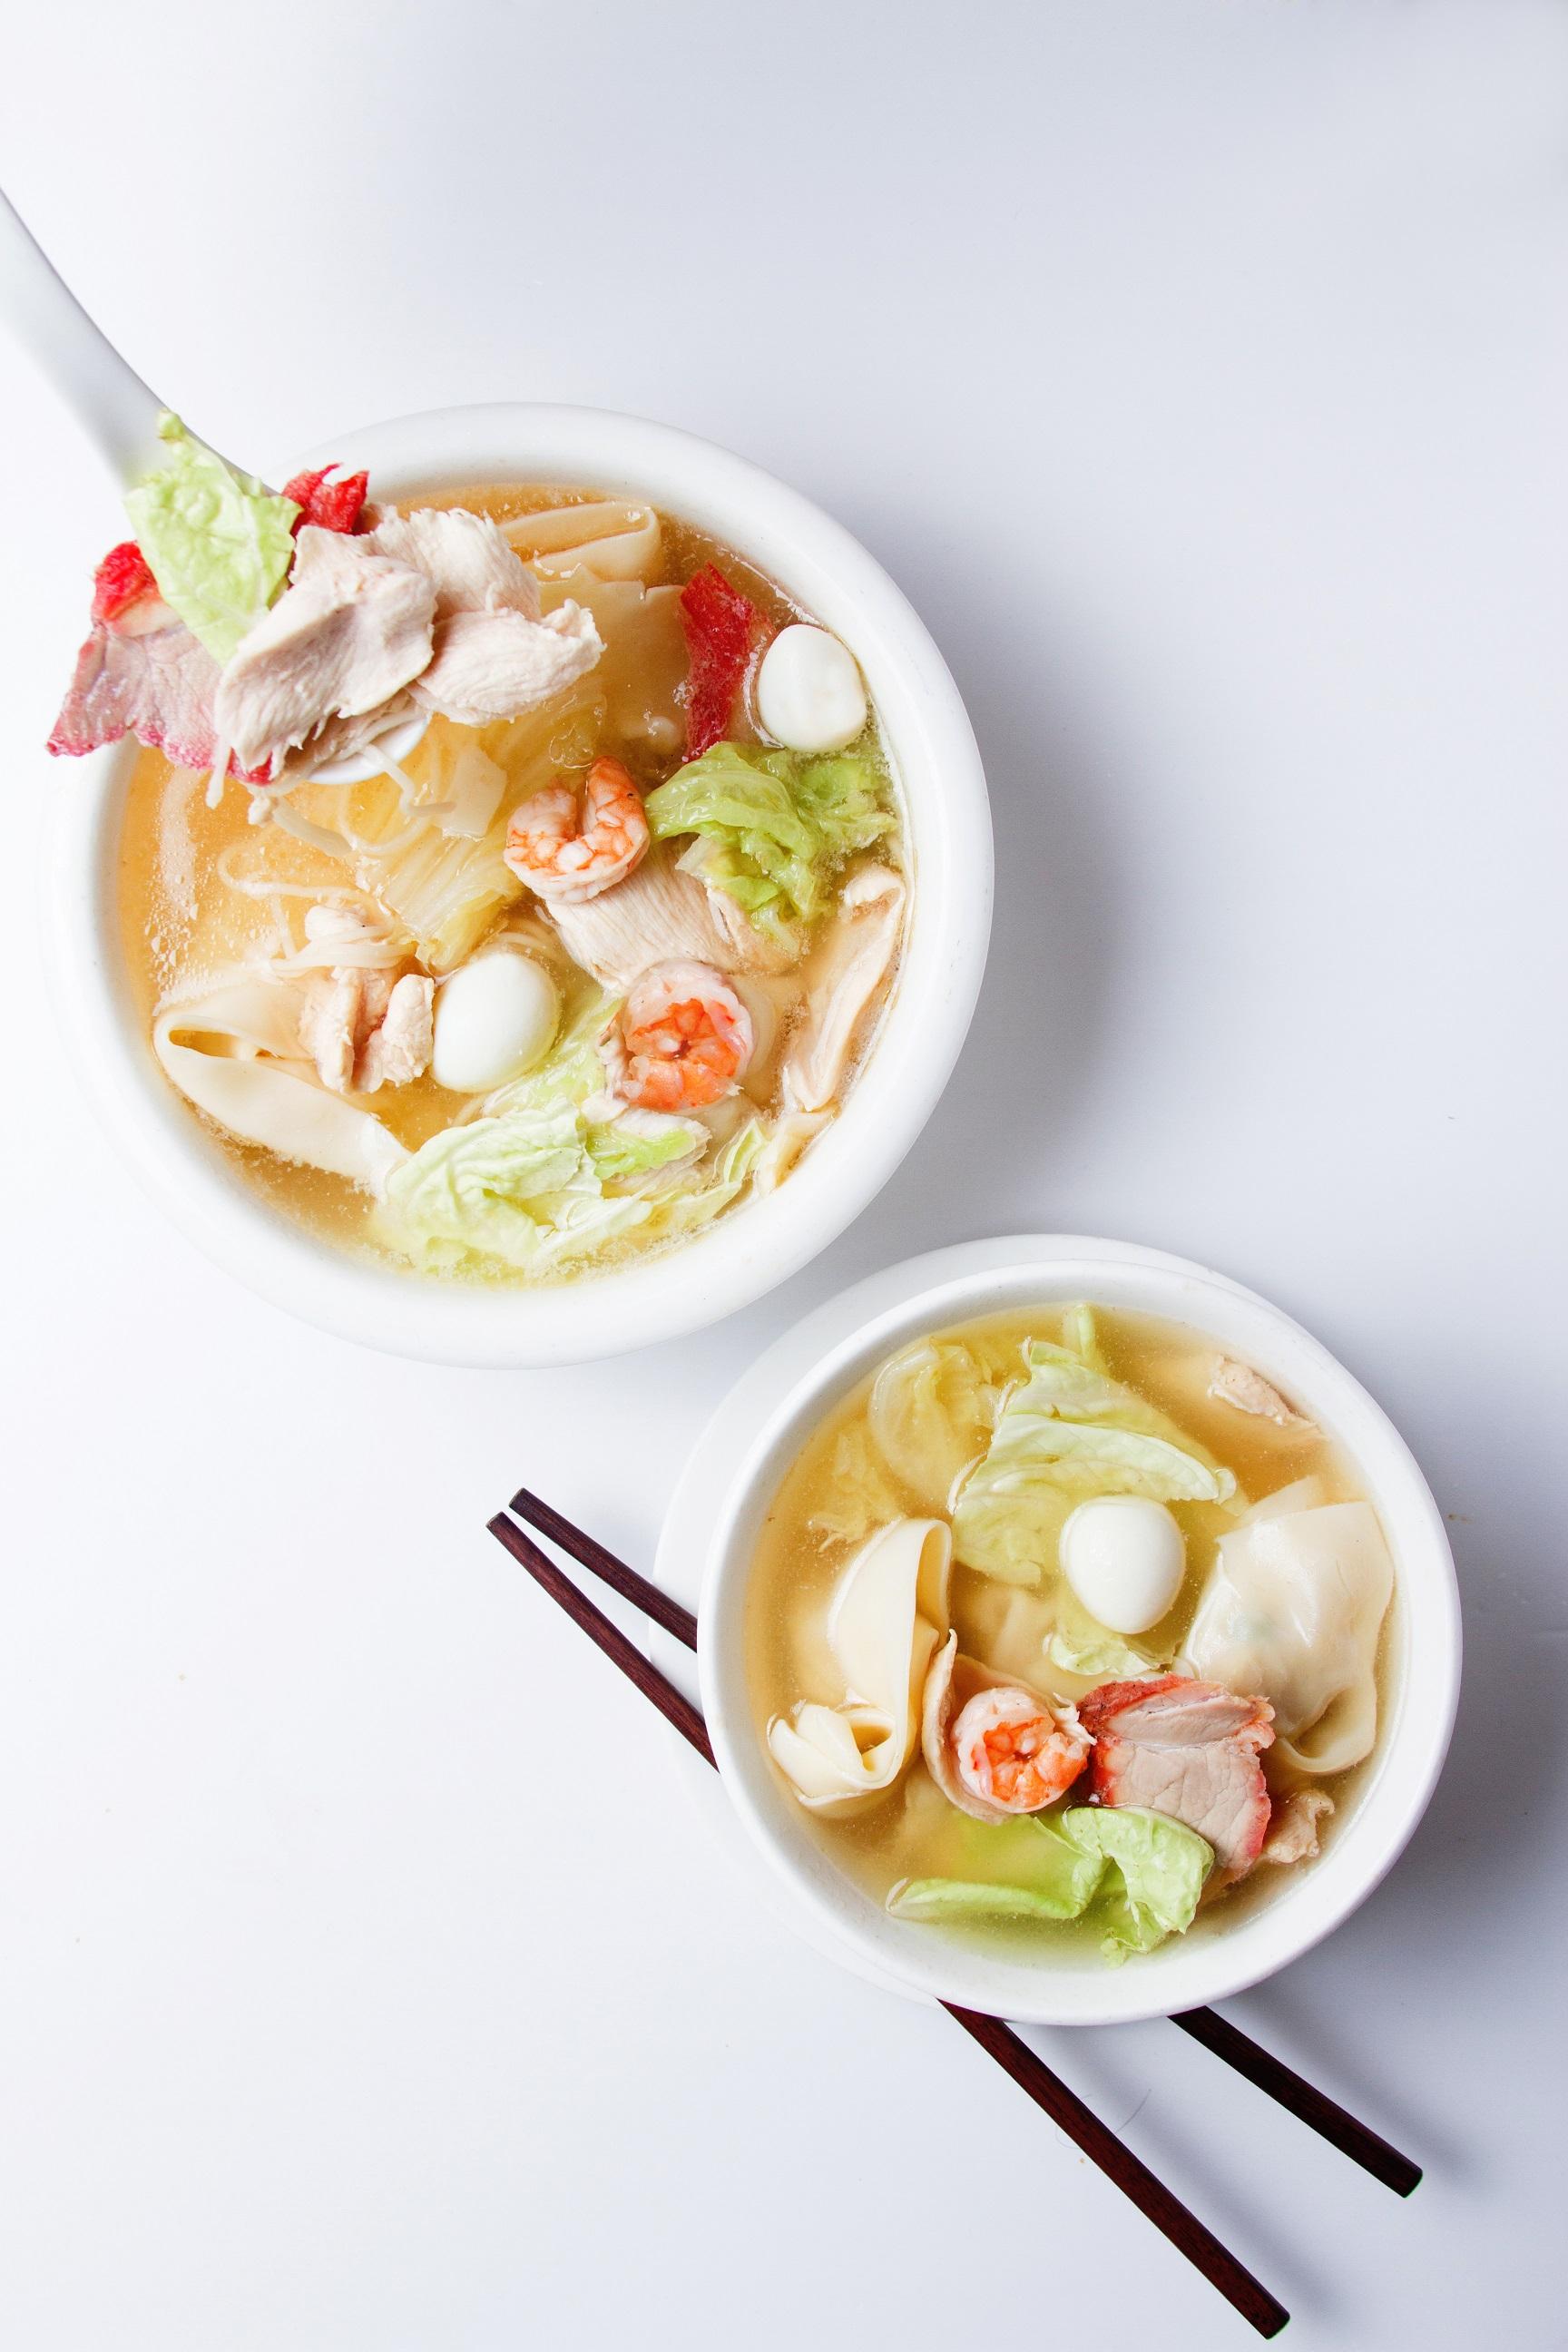 Sopa de pollo  con wantanes y fideo chino acompañada de chancho, langostino y huevo de codorniz al estilo FU SEN.